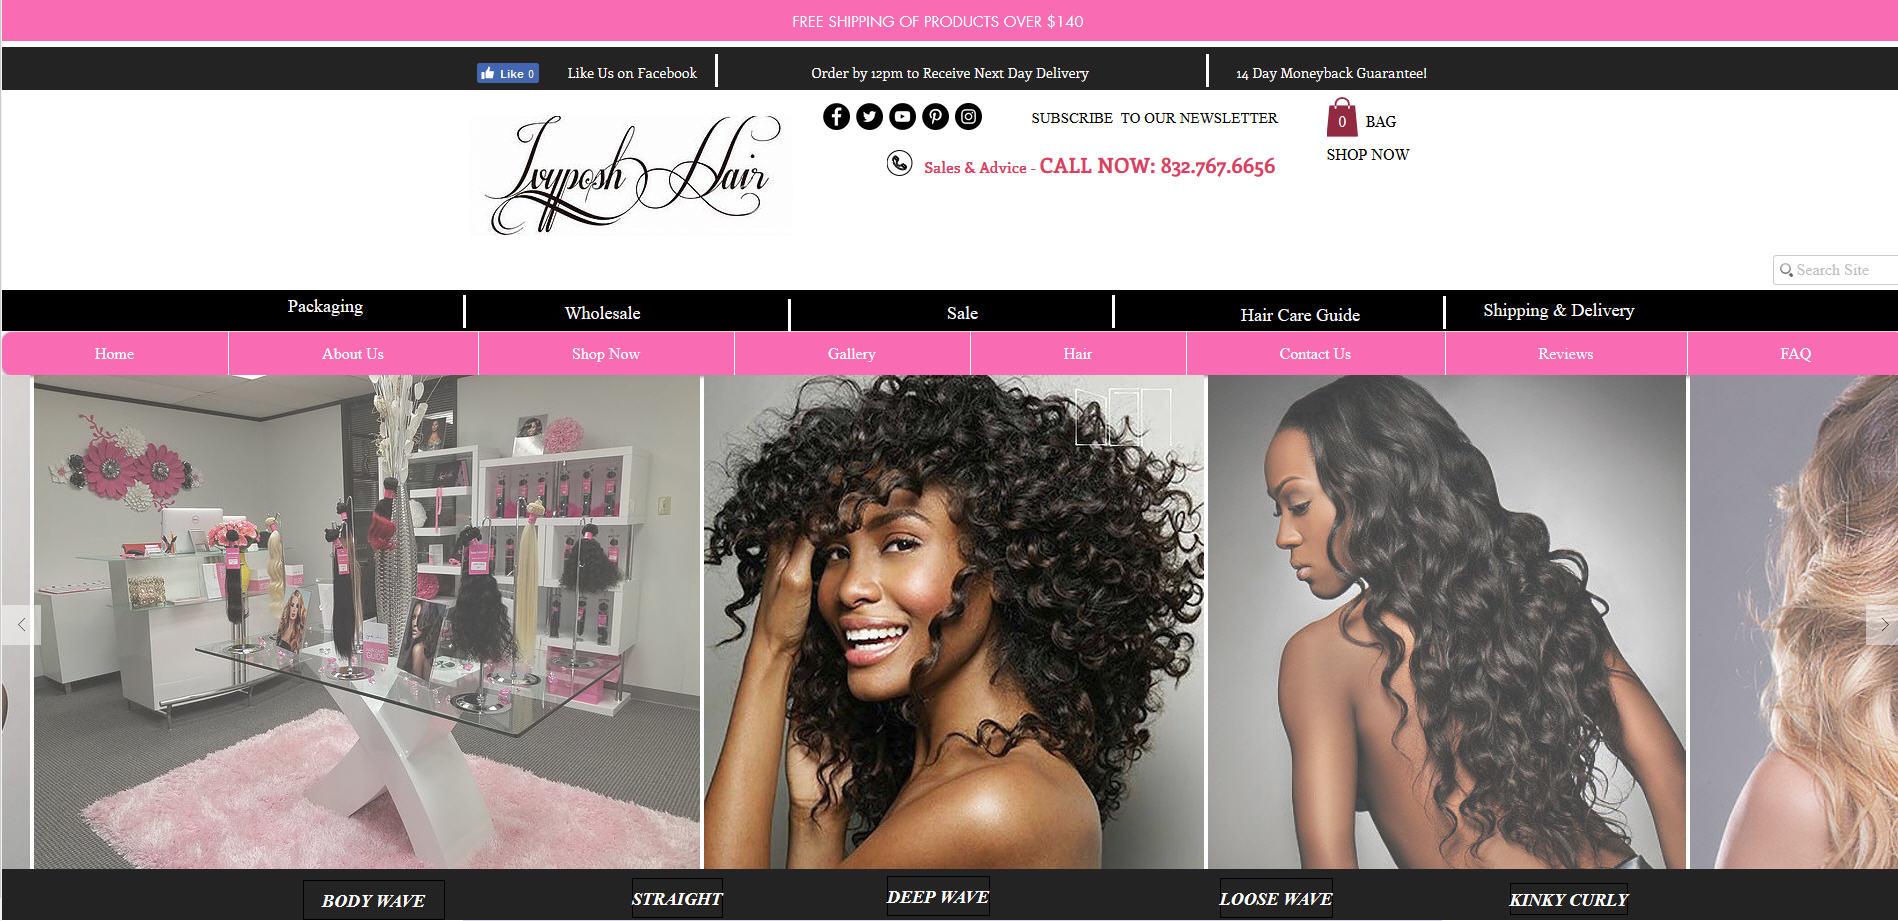 Ivyposh Hair